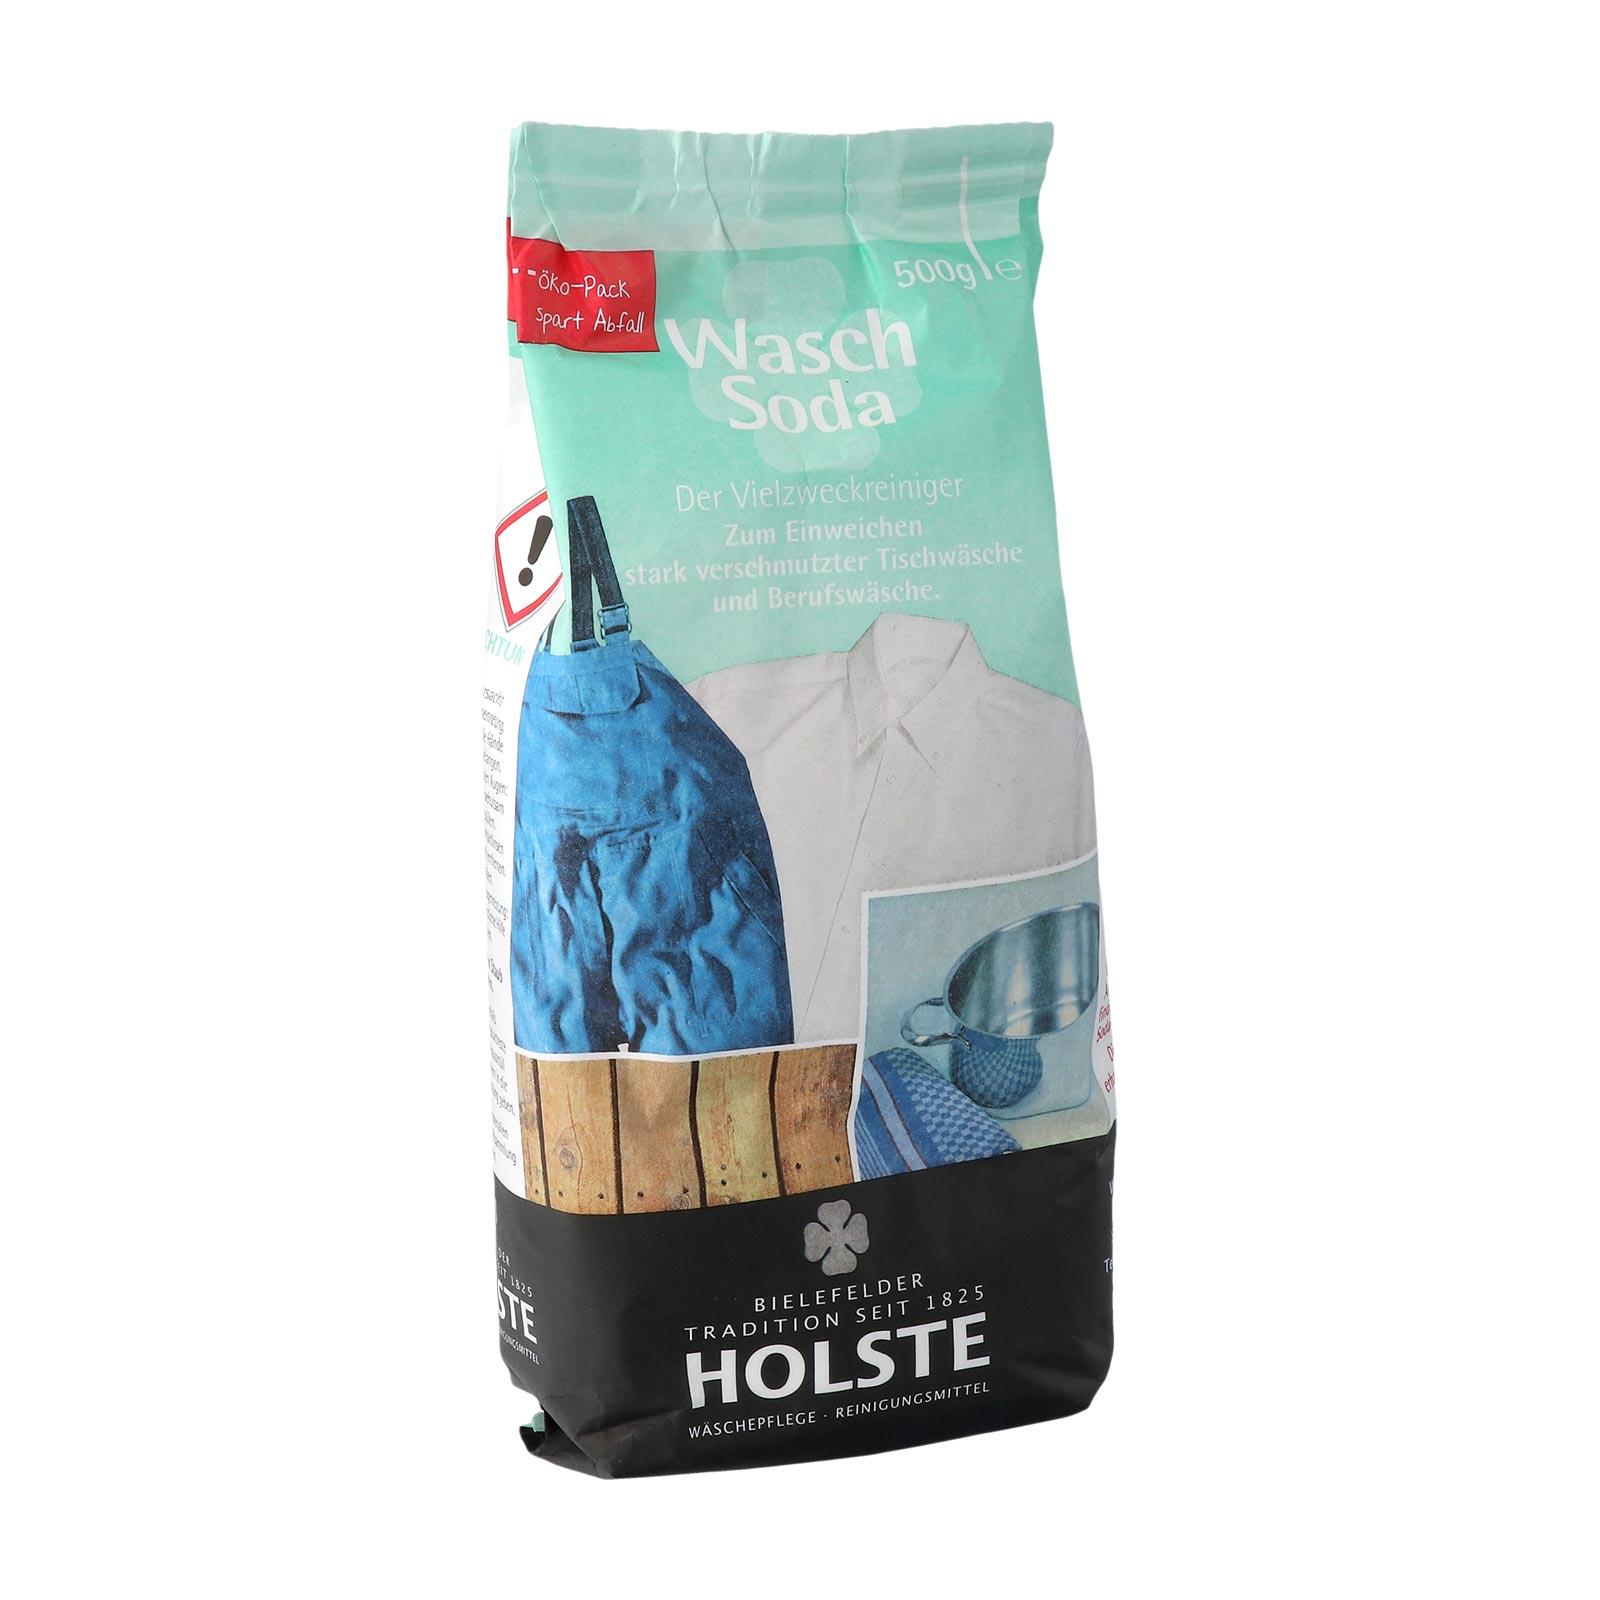 Waschsoda für weiße Wäsche von Holste online kaufen - PureNature